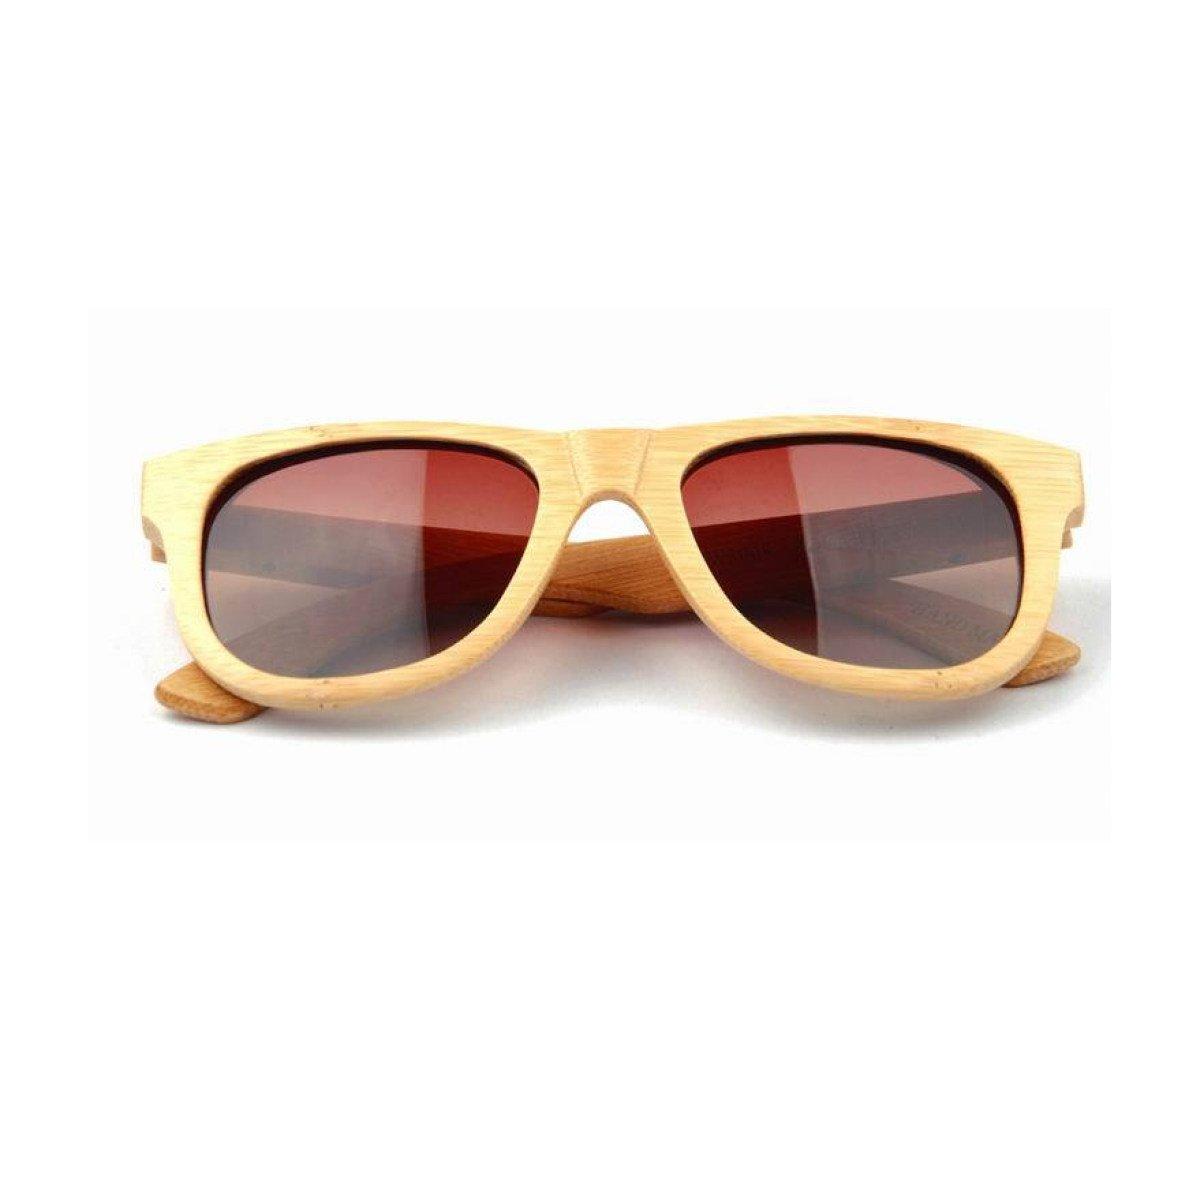 GCR Sunglasses Polarized light Shade glasses Lunettes de soleil une modélisation surface deux couleur orthographié couleur lunettes de soleil non géométriques , 3